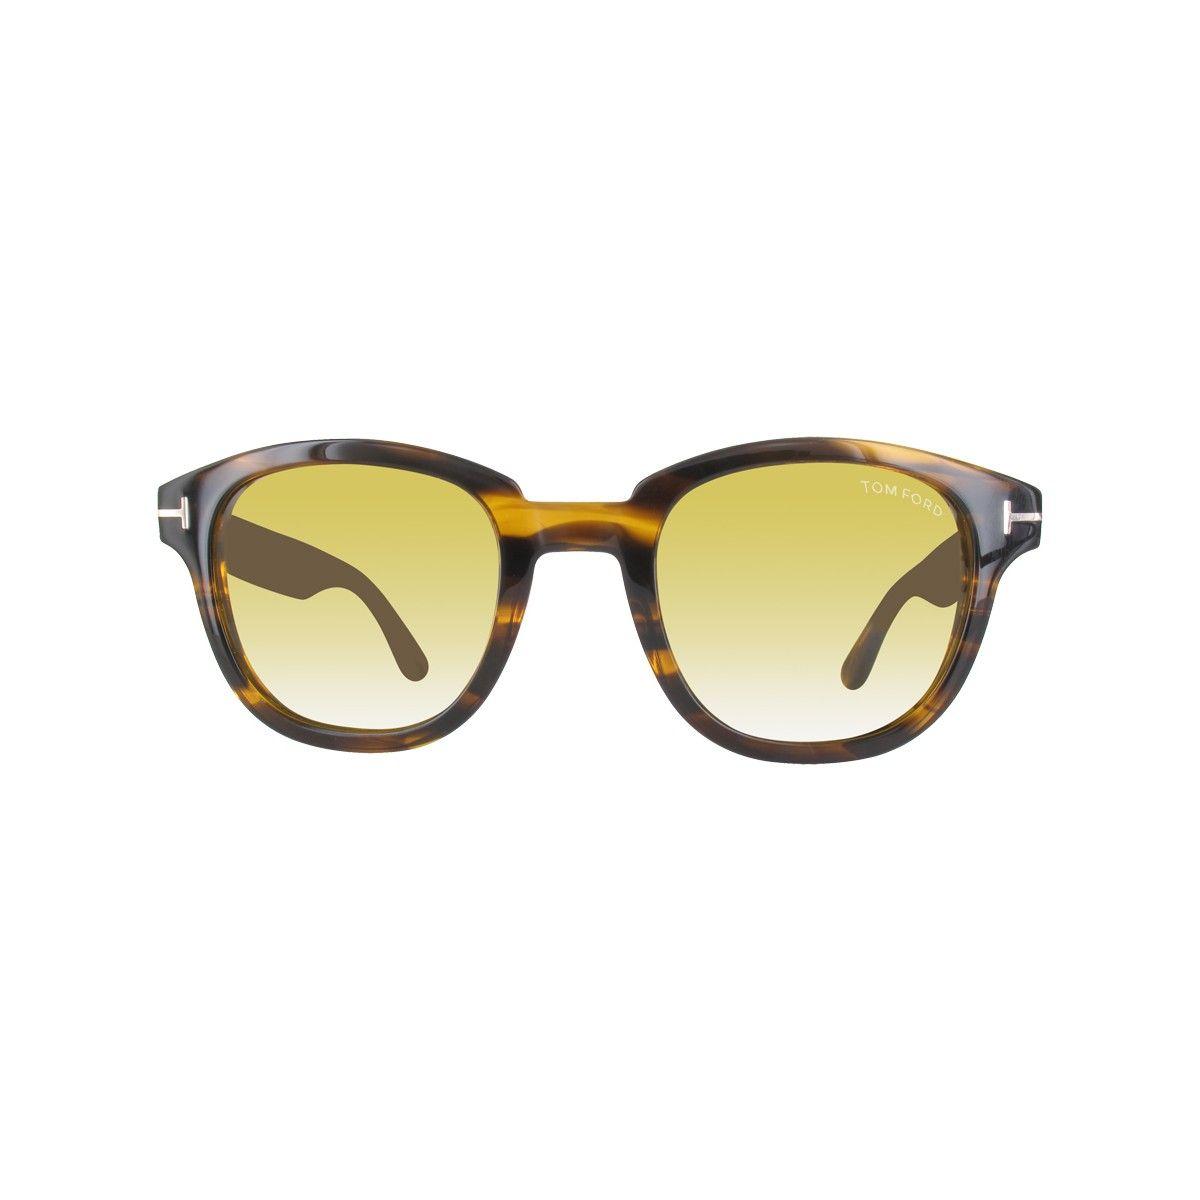 e70b1fb135 Tom Ford Garett TF 538 TF538 50E Havana Sunglasses 549.00  159.95 ...